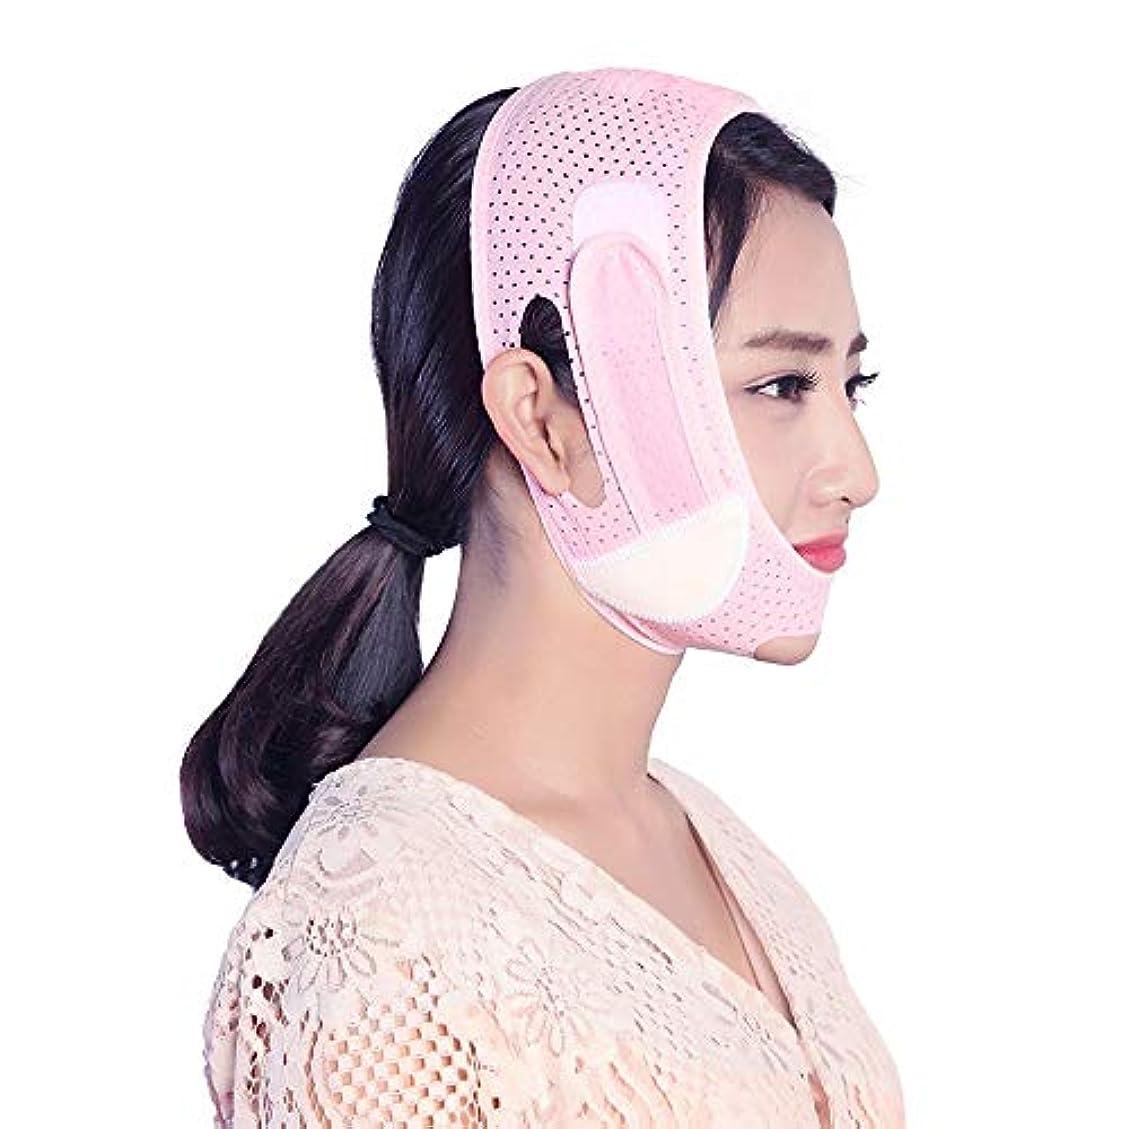 プログレッシブ踏みつけ入口睡眠薄い顔パッチ包帯吊り上げプルv顔引き締めどころアーティファクト判決パターン二重あご薄いマッセルマスク - ピンク